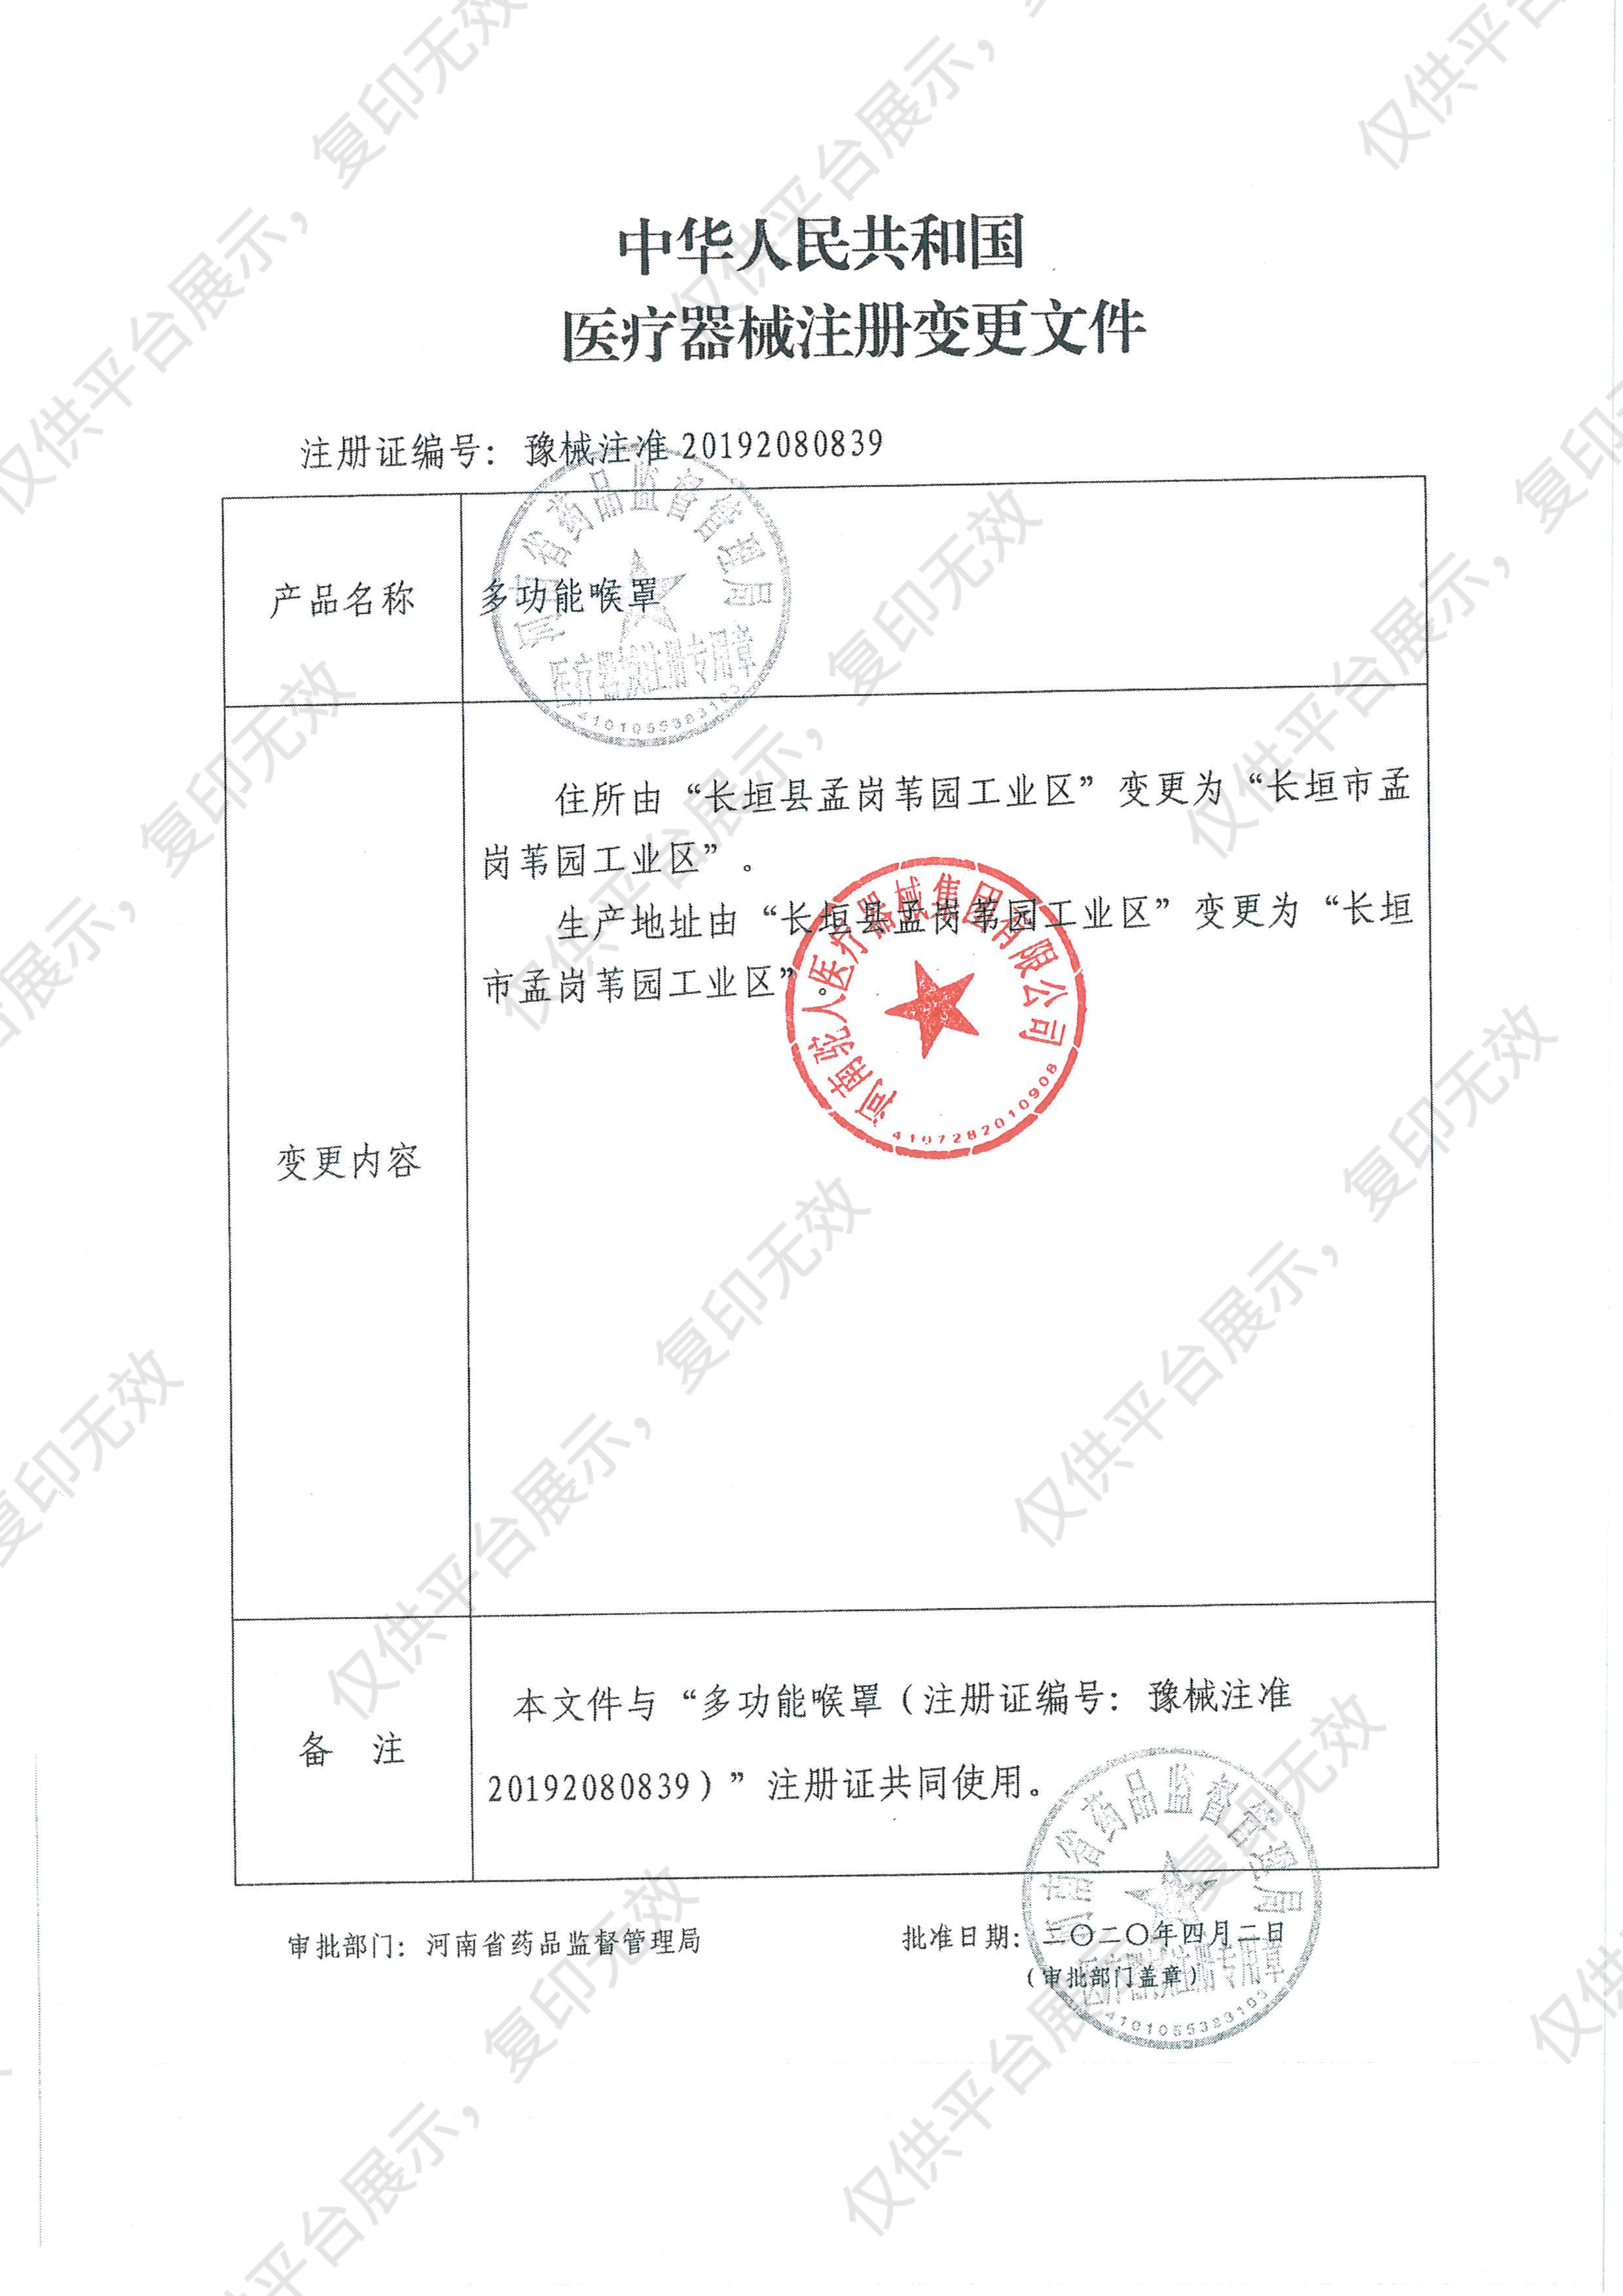 驼人CGPO 多功能喉罩 Ⅰ型4.0(1支/盒 5盒/中箱 4中箱/箱)注册证